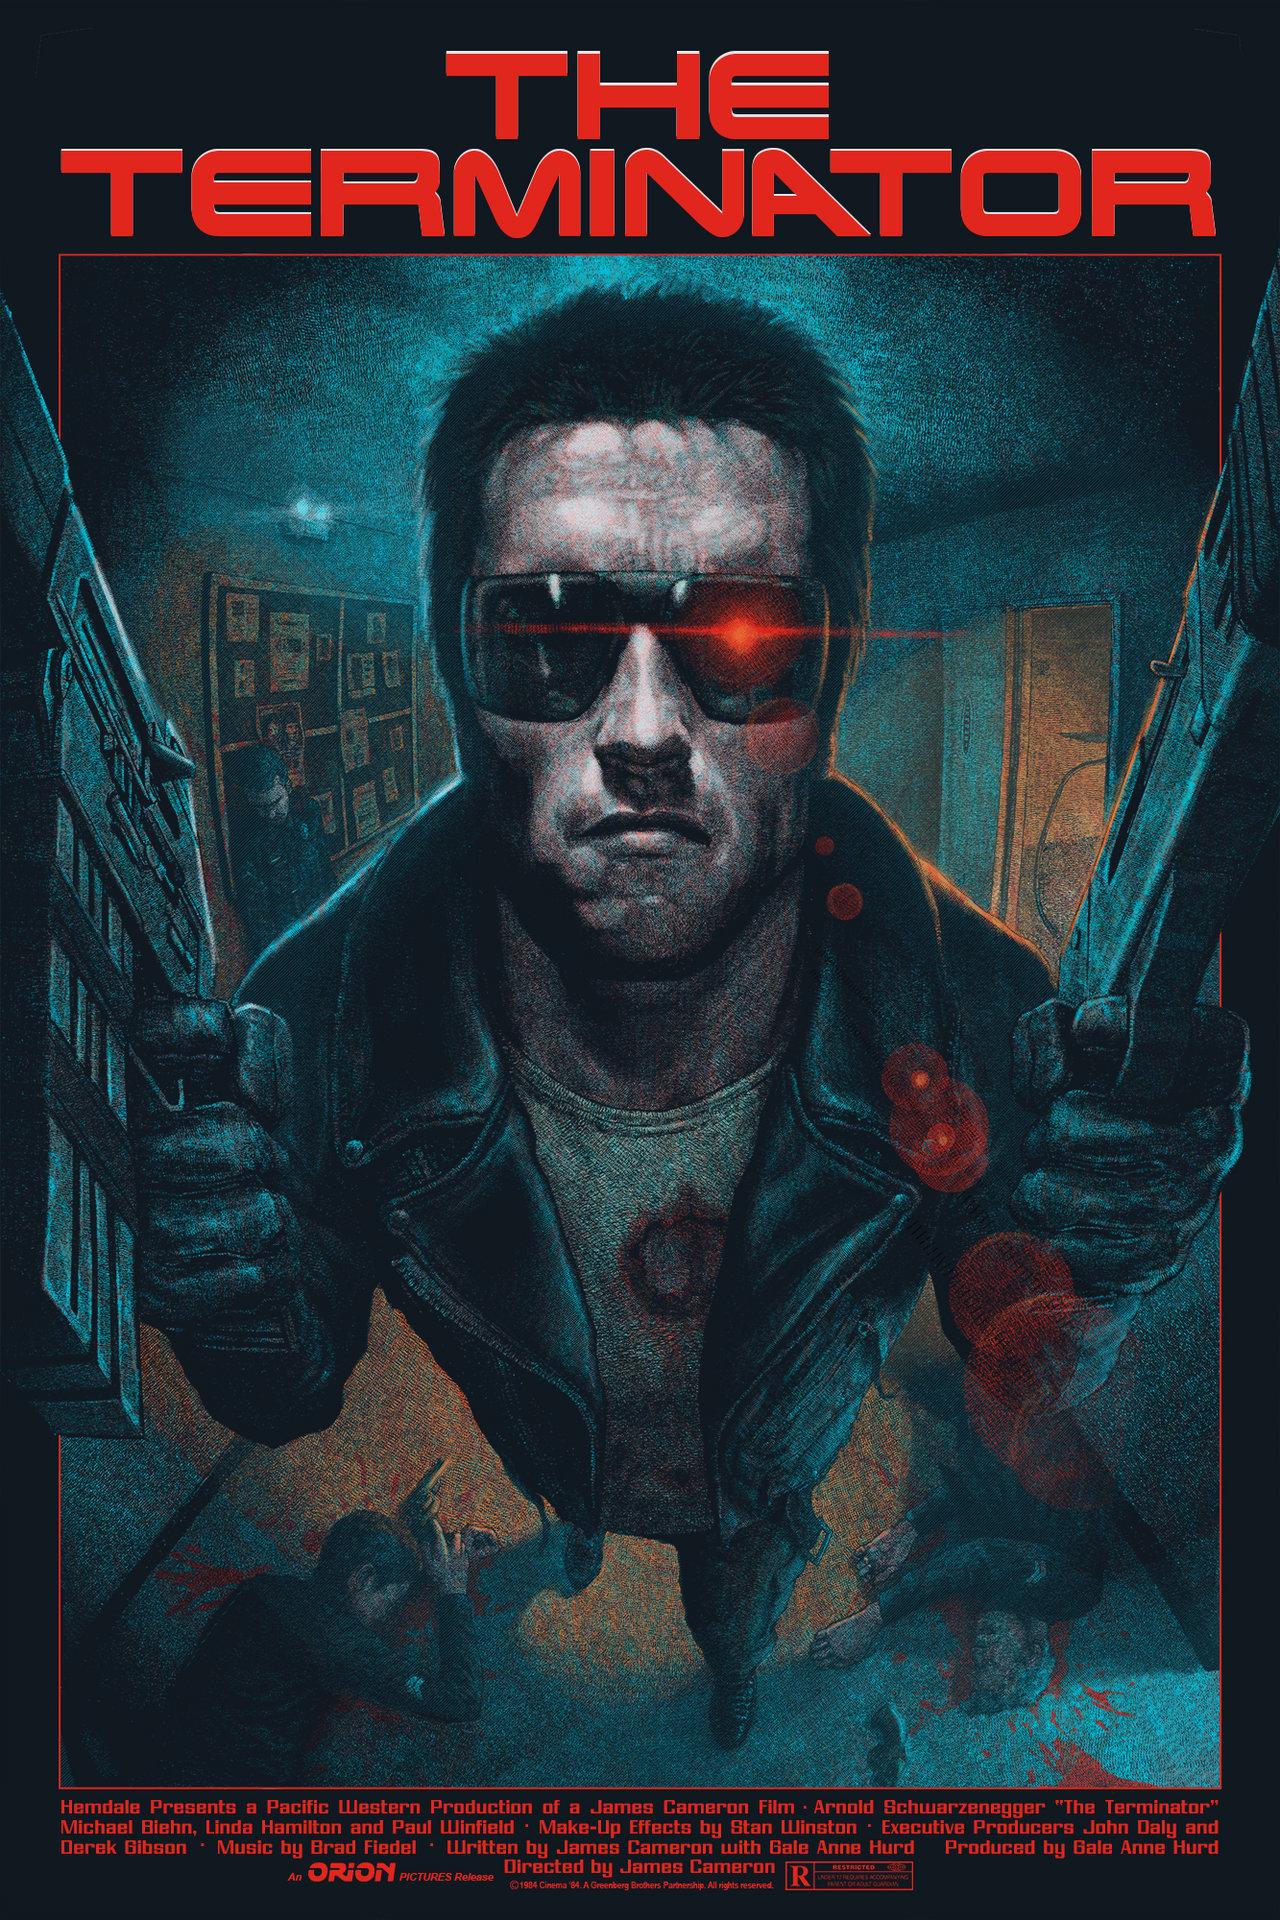 دانلود فیلم The Terminator 1984 با دوبله فارسی